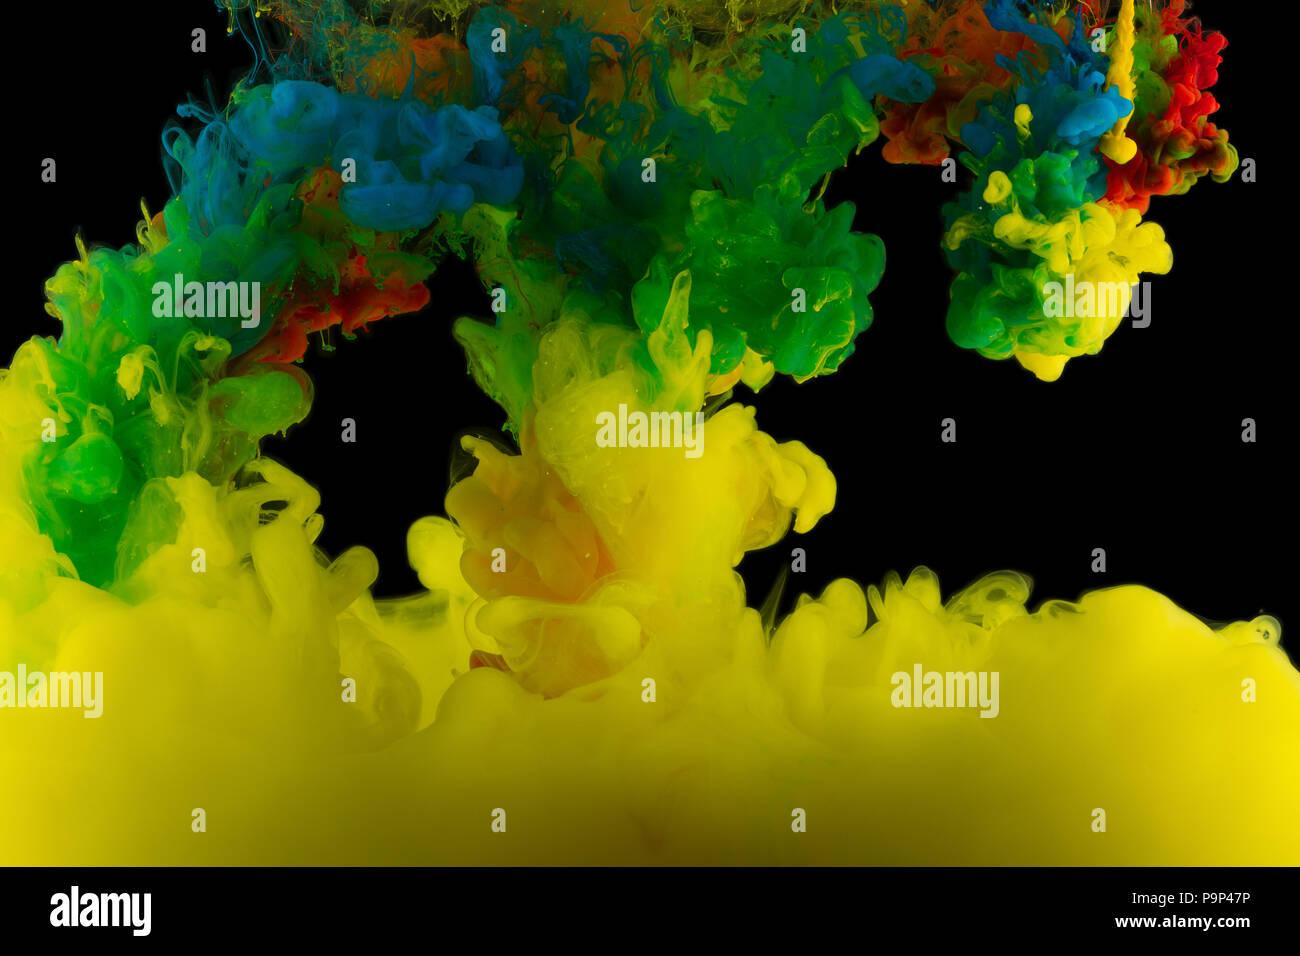 Abstracción multicolor sobre un fondo negro, studio light Imagen De Stock